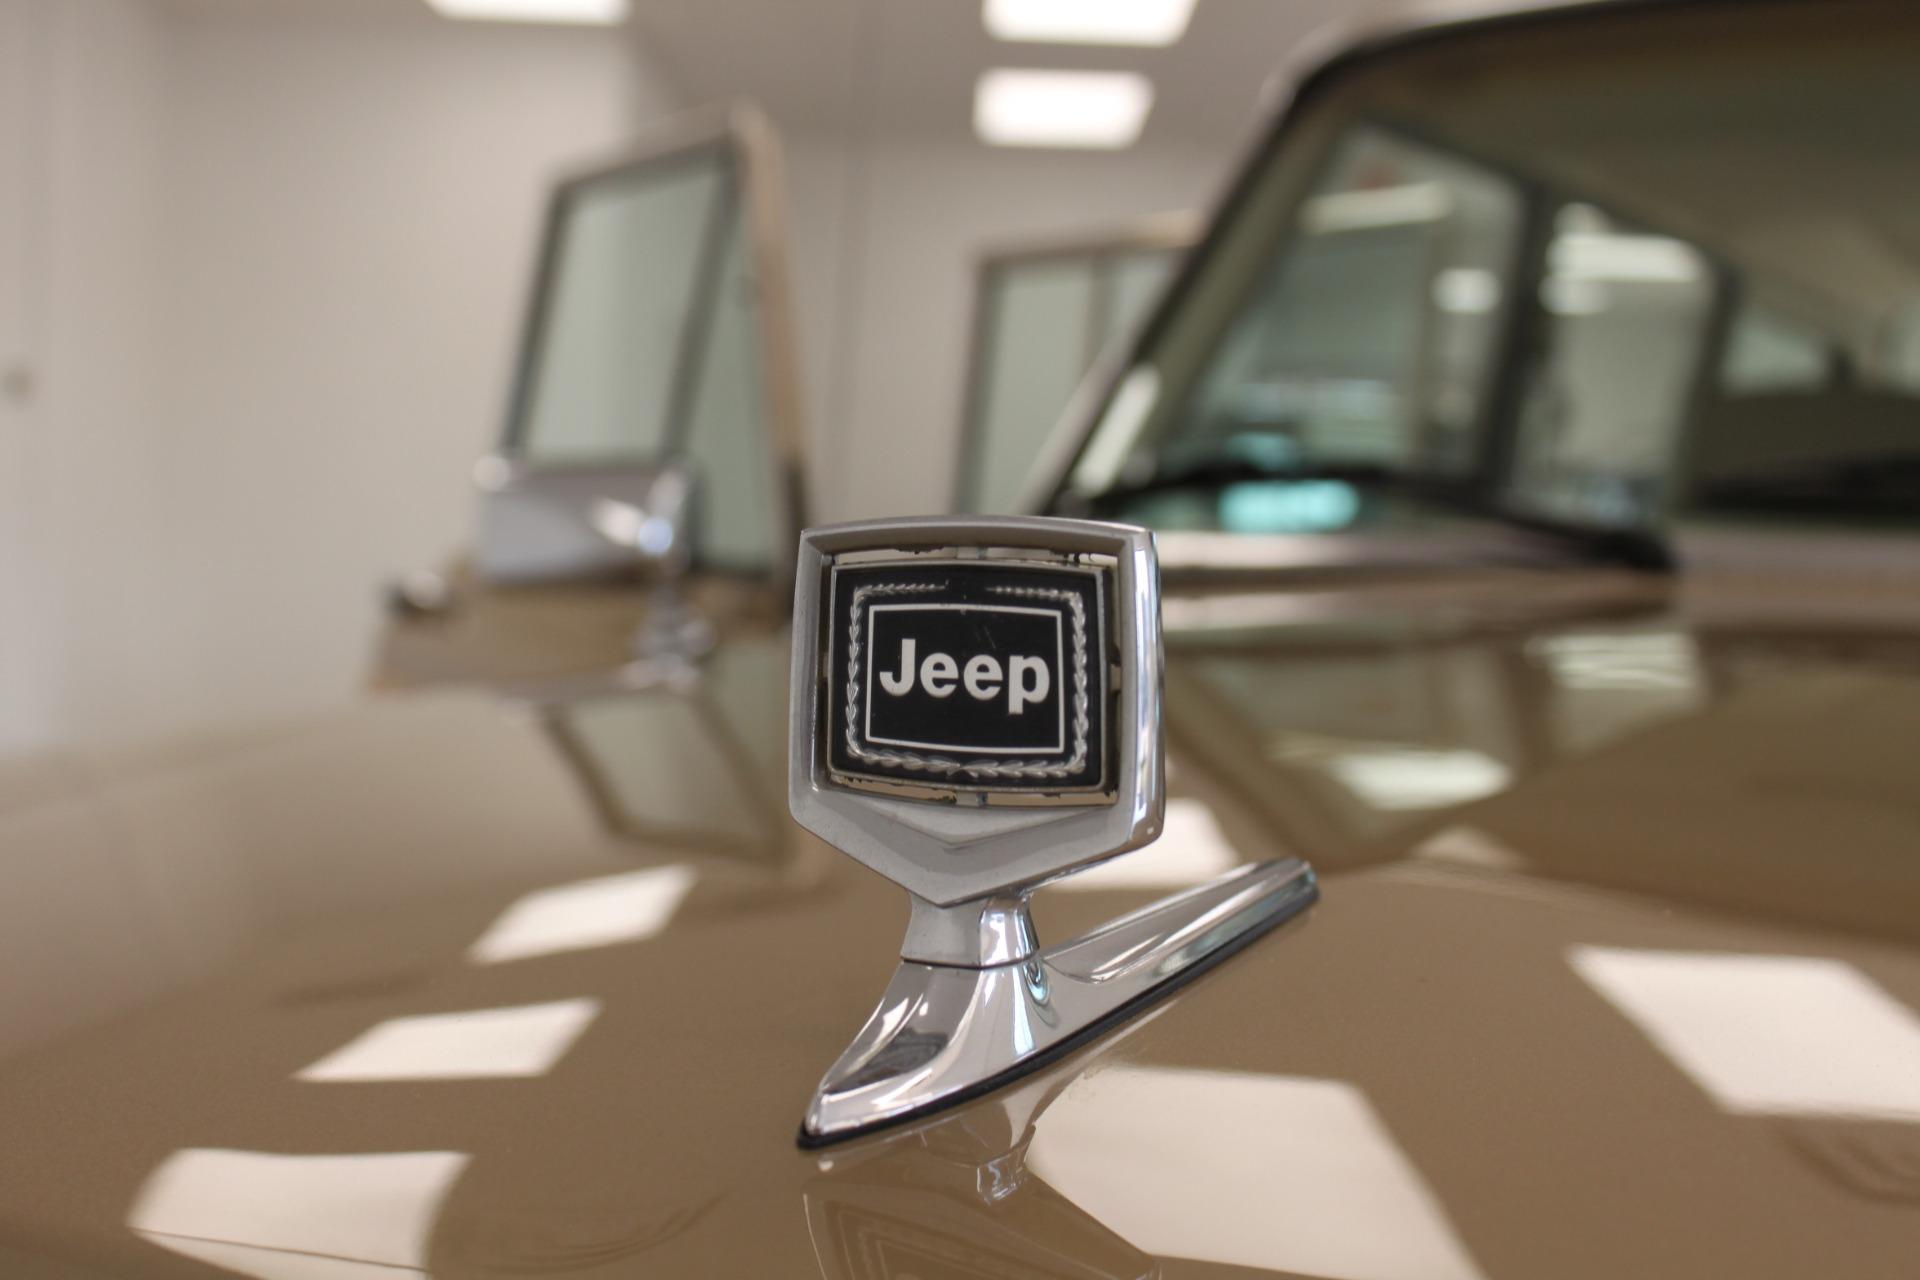 Used-1990-Jeep-Grand-Wagoneer-Jaguar